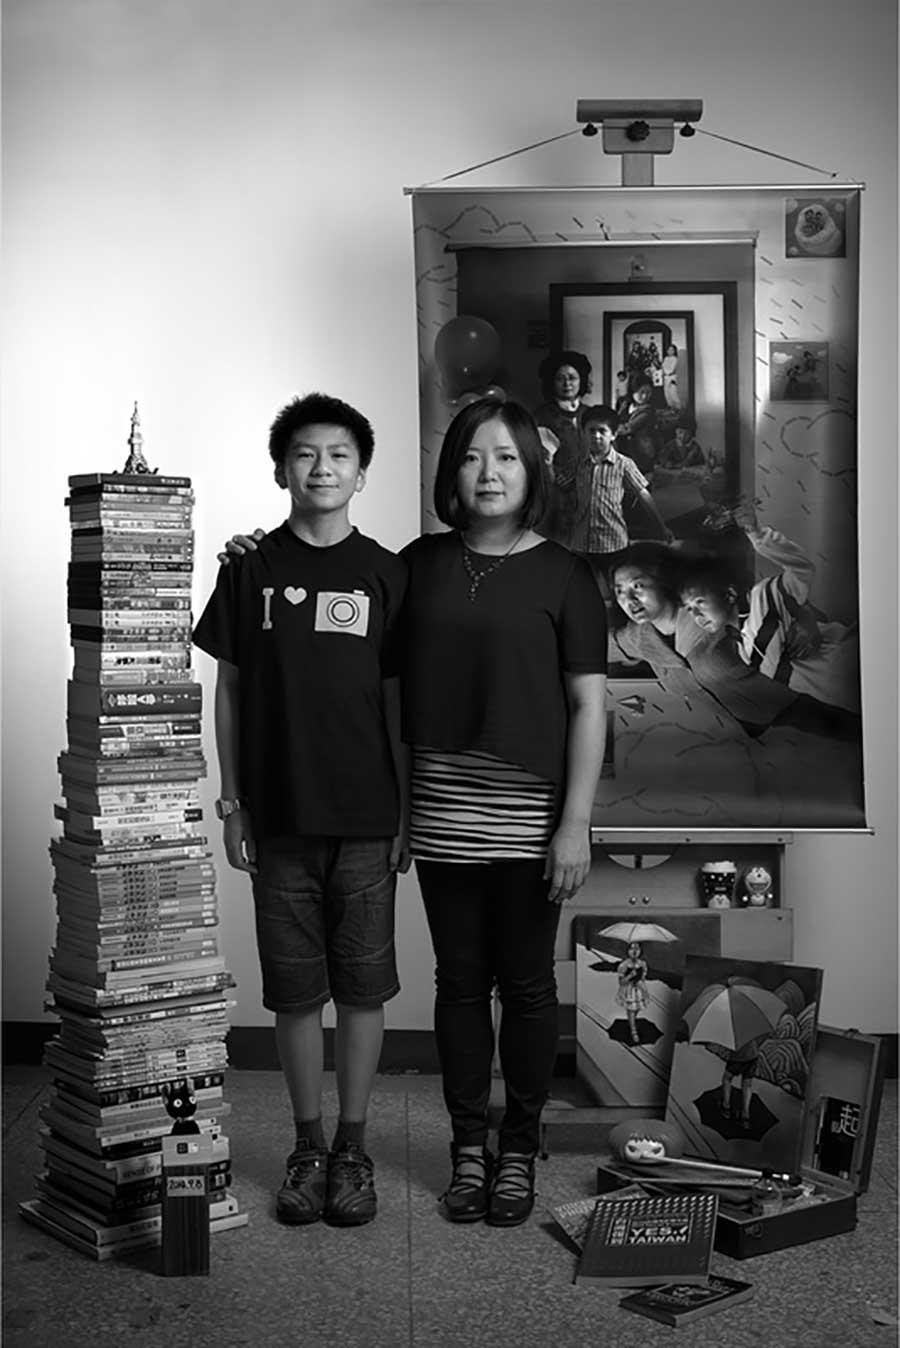 Mutter fügt 17 Jahre Bildebenen hinzu, die Sohn aufwachsen zeigen mutter-17-jahre-foto-in-foto_10